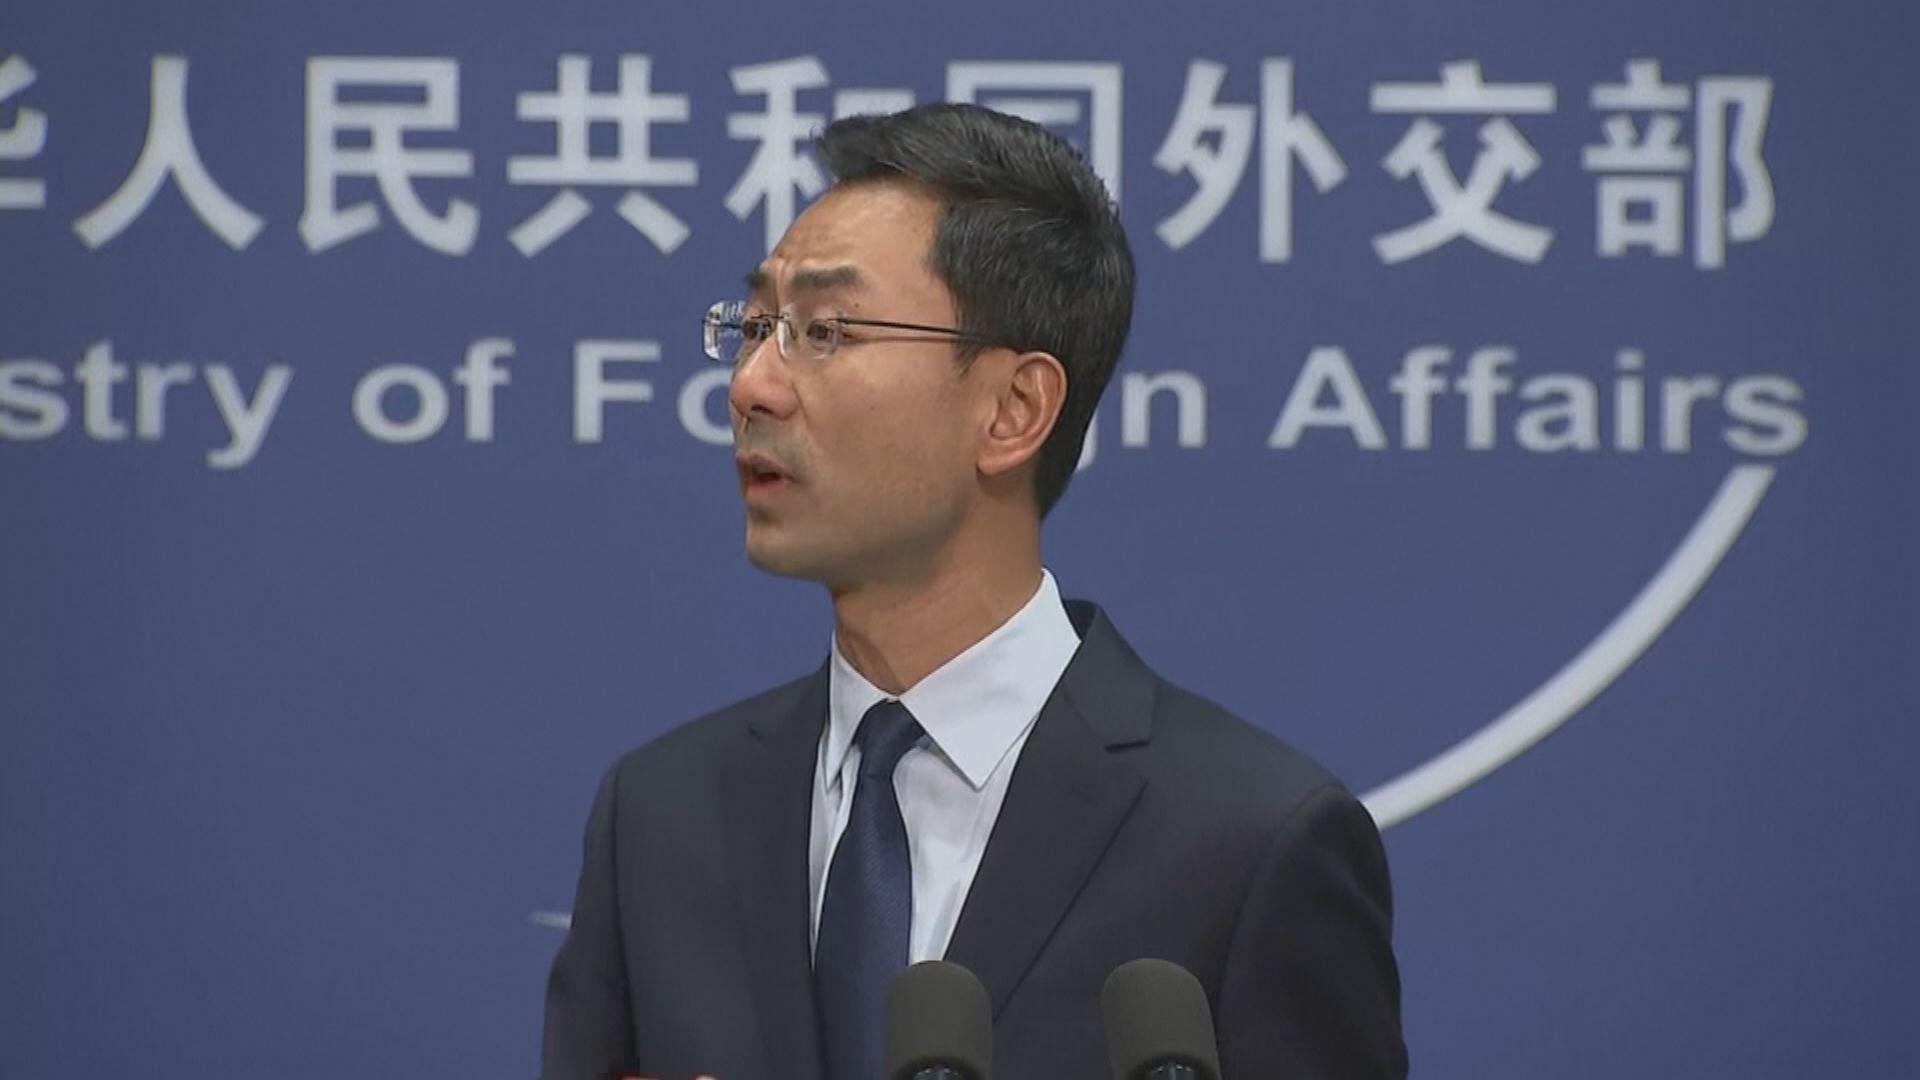 外交部:已保障鄭文傑拘留期間合法權益